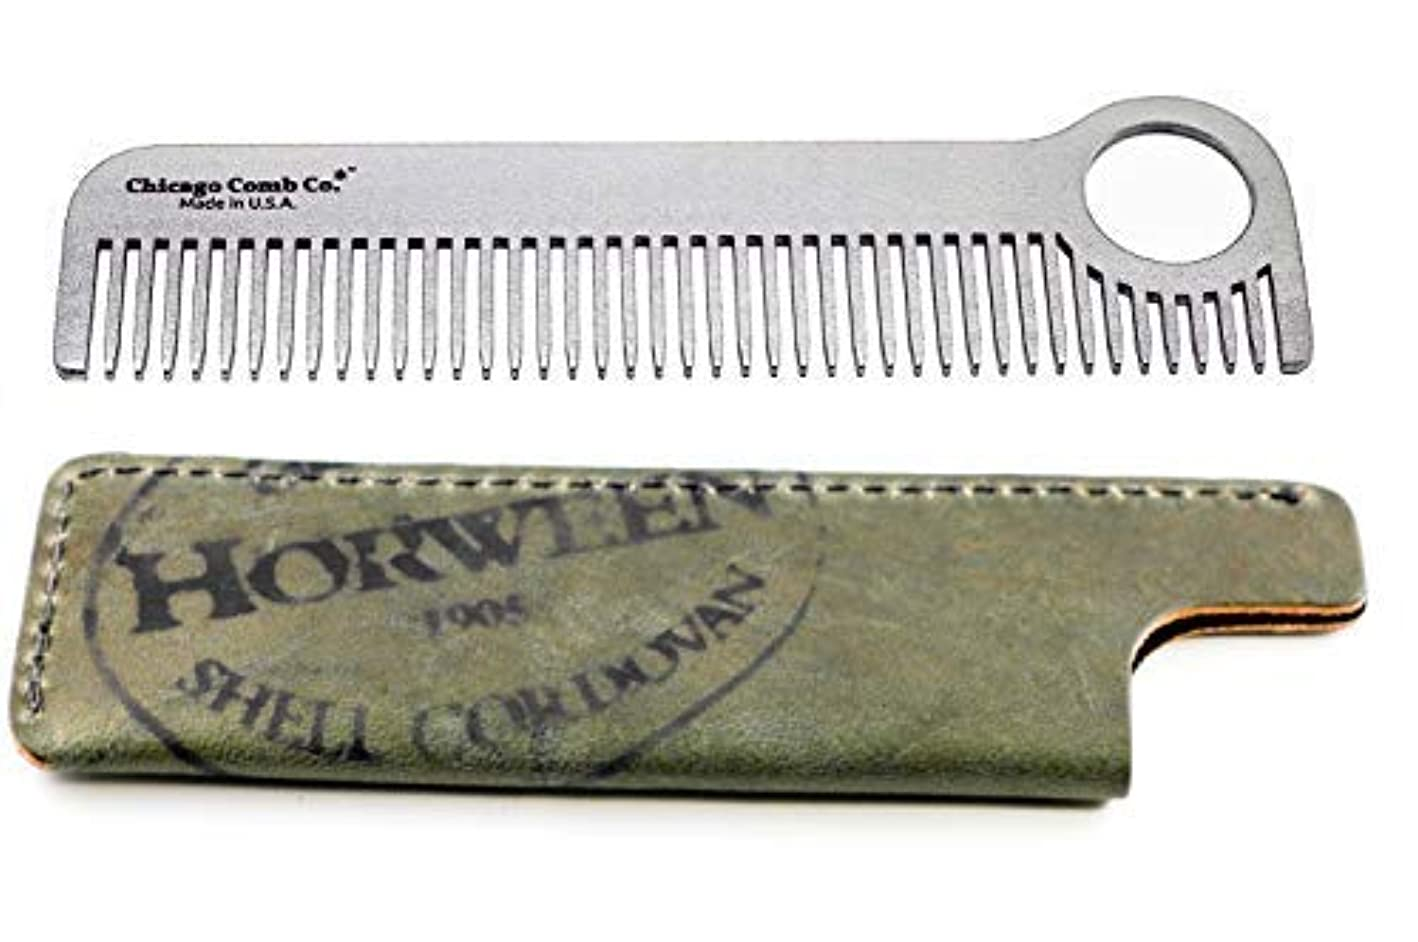 代わってマニフェストまだらChicago Comb Model 1 Stainless Steel + Horween Olive Shell Cordovan Sheath, Made in USA, Ultra-Smooth, Durable...